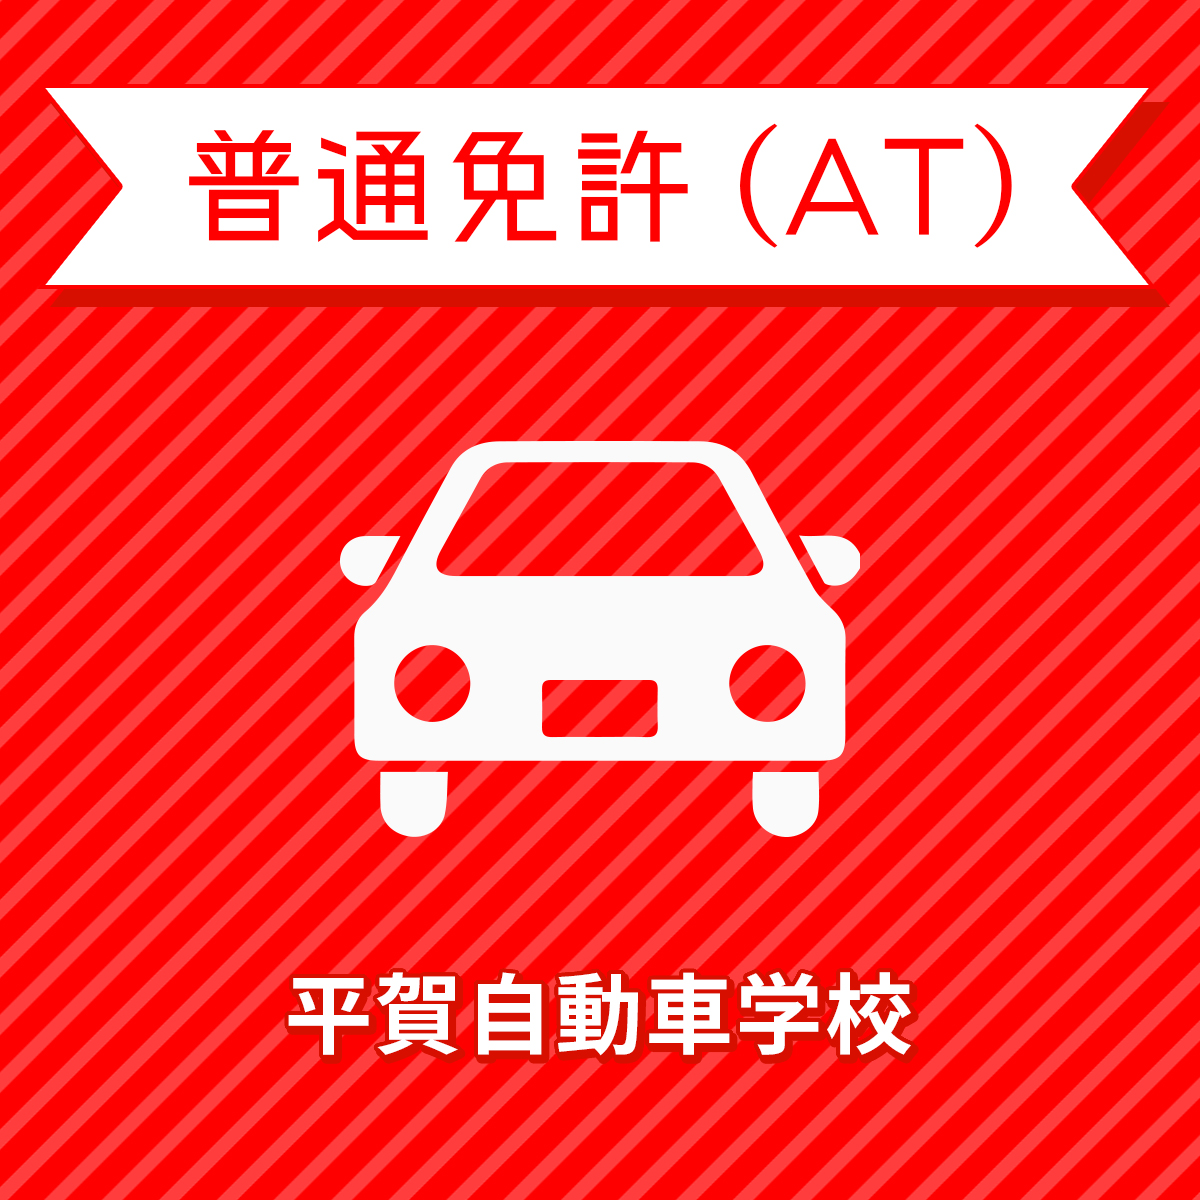 【青森県平川市】普通車ATコース<免許なし/原付免許所持対象>